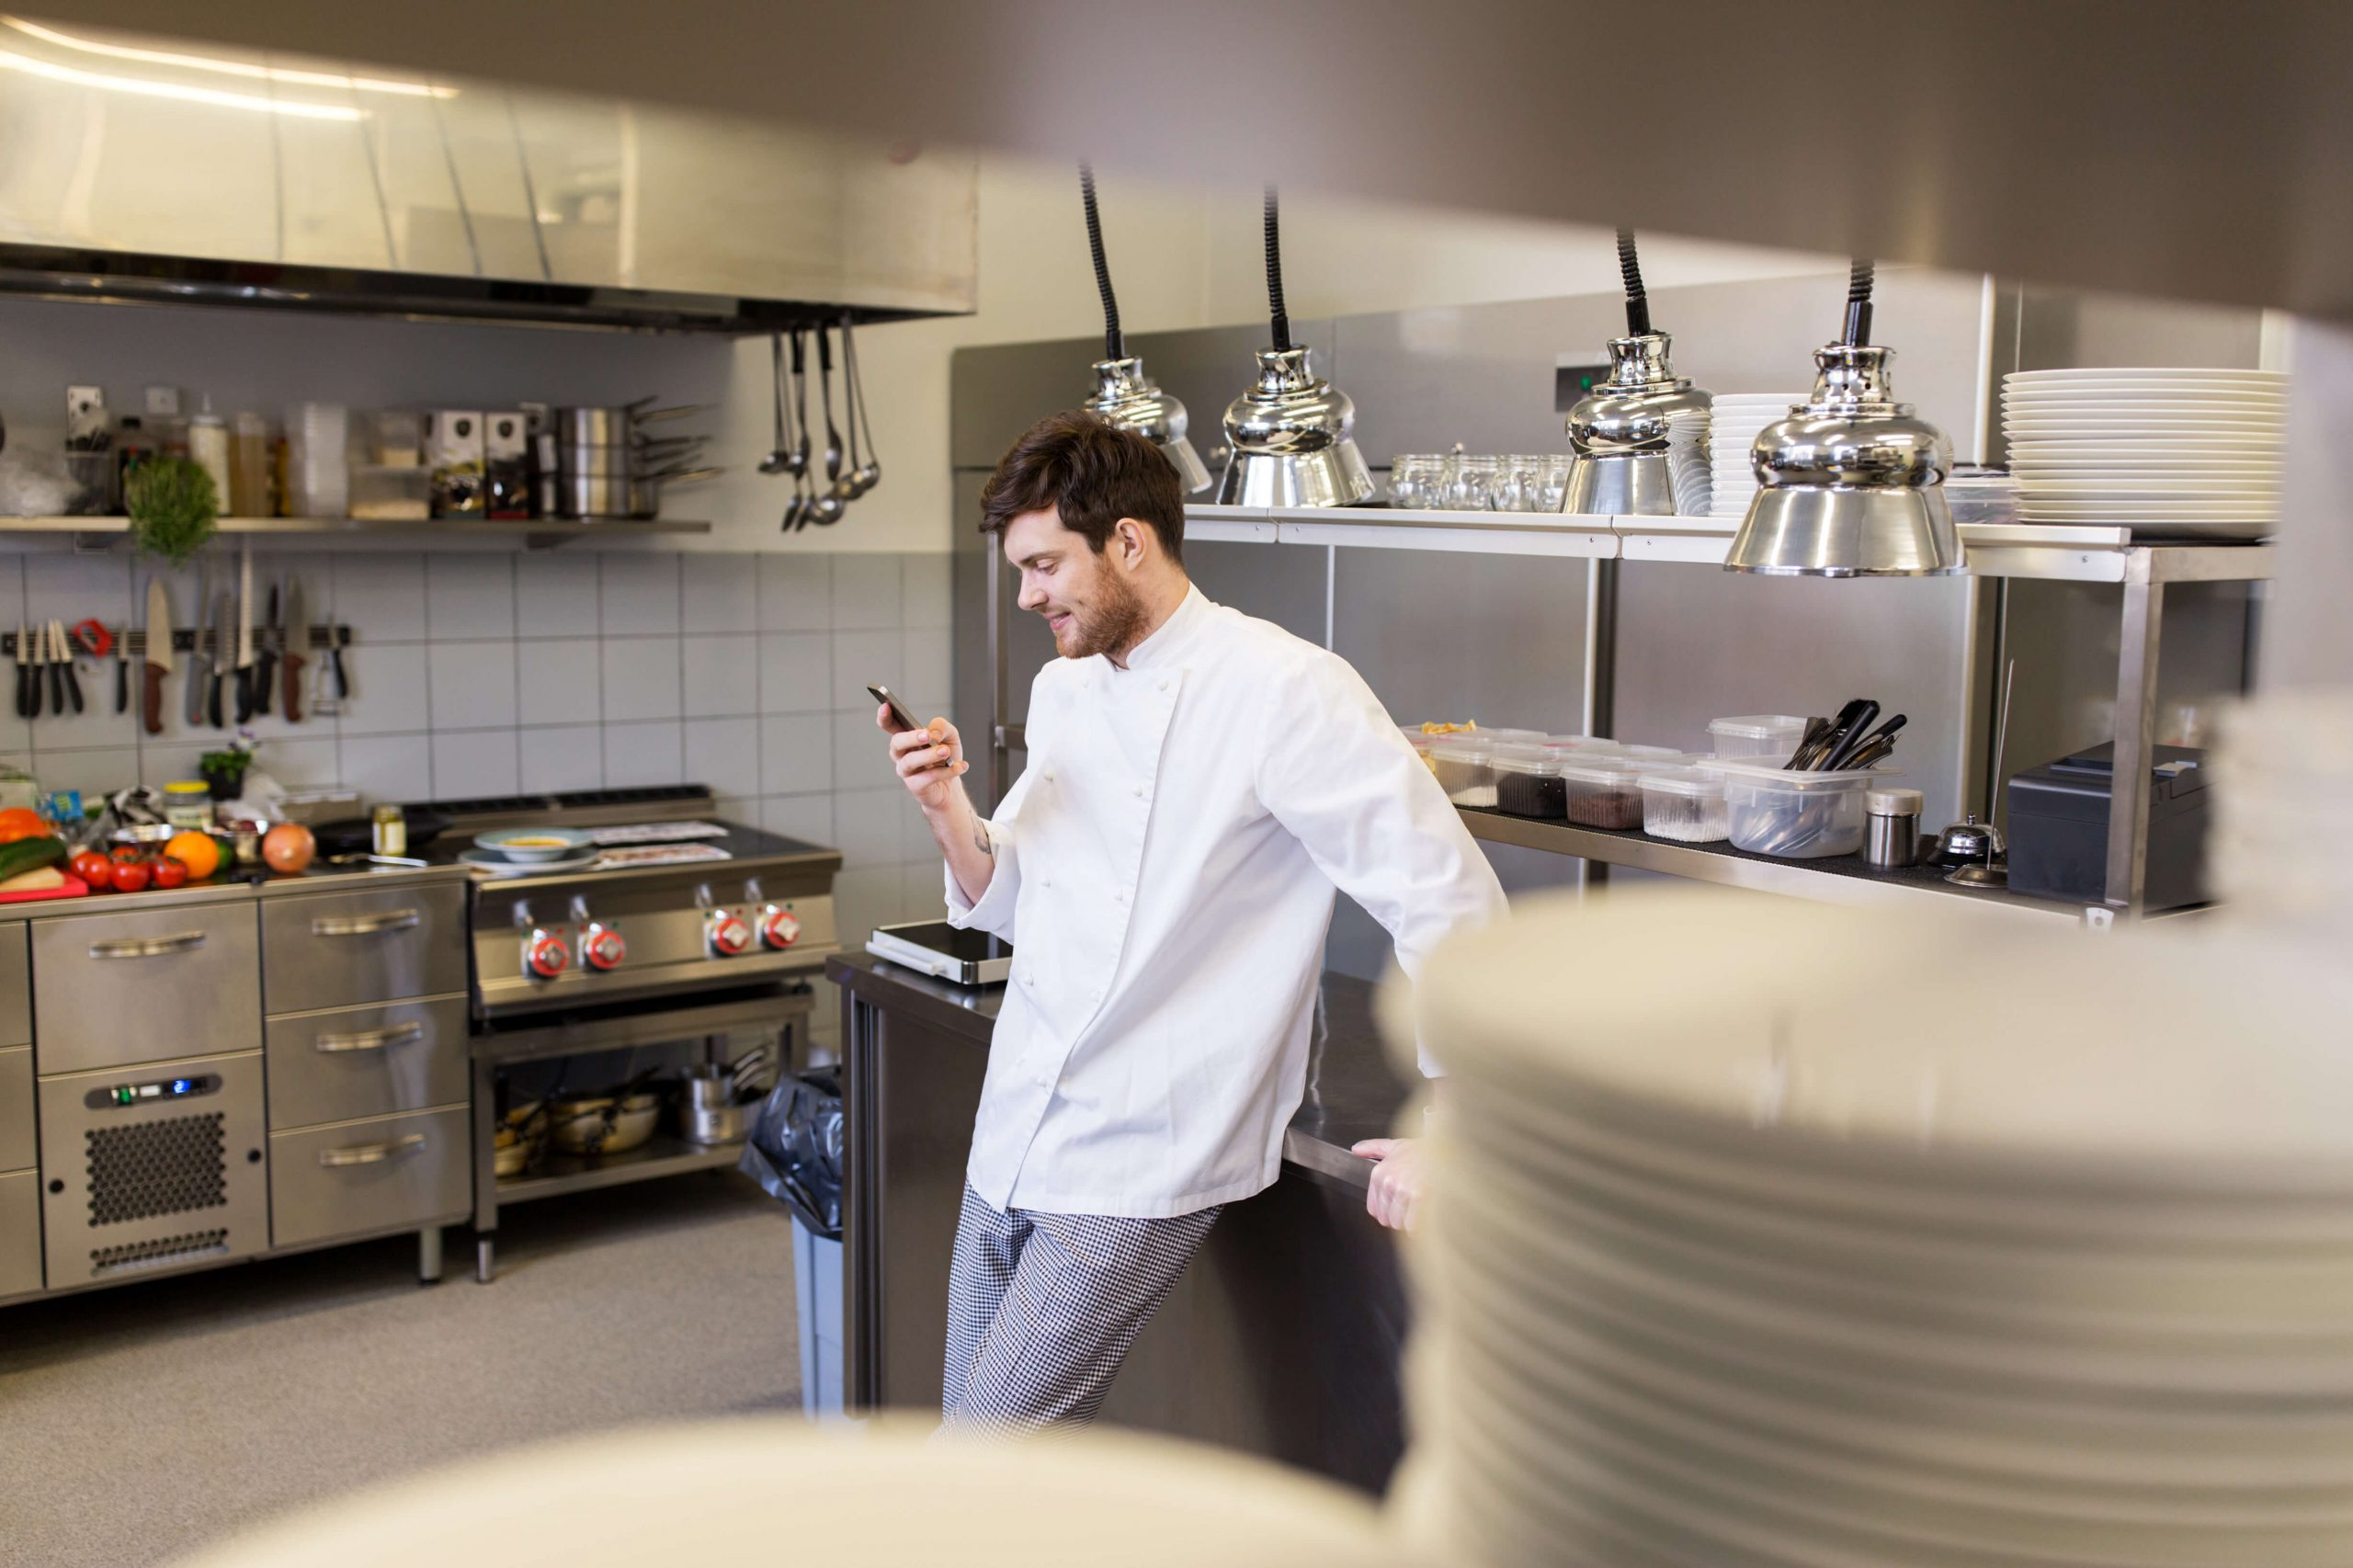 טבח במטבח מסעדה עובד במסעדת רפאים לאחר השלכות הקורונה